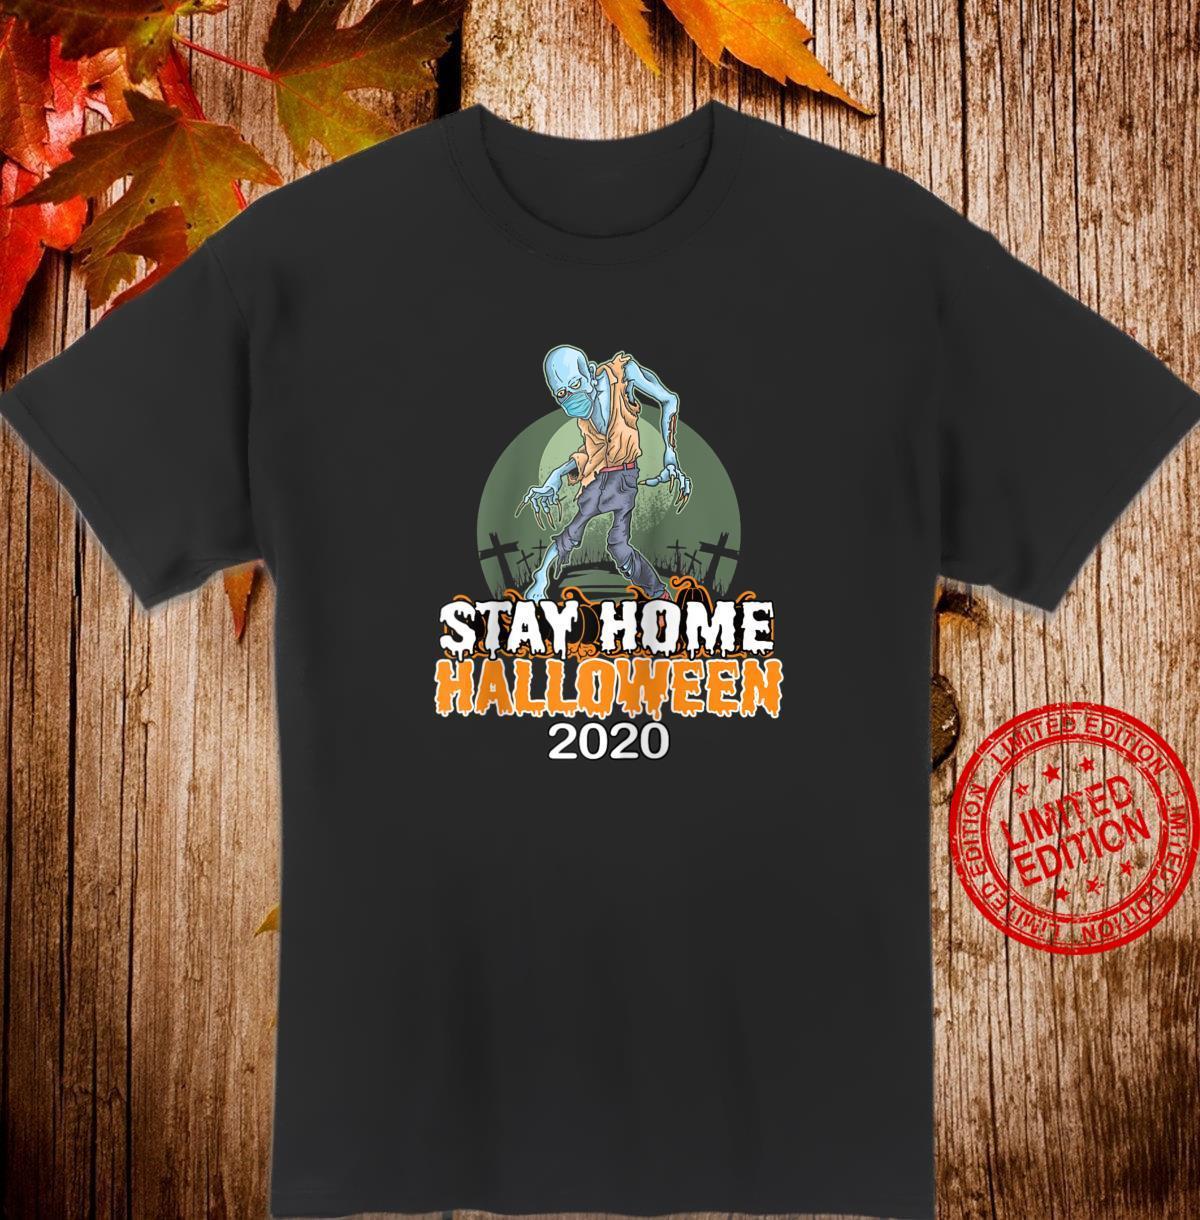 Halloween 2020 Quarantine Social Distancing Wear a Mask Shirt